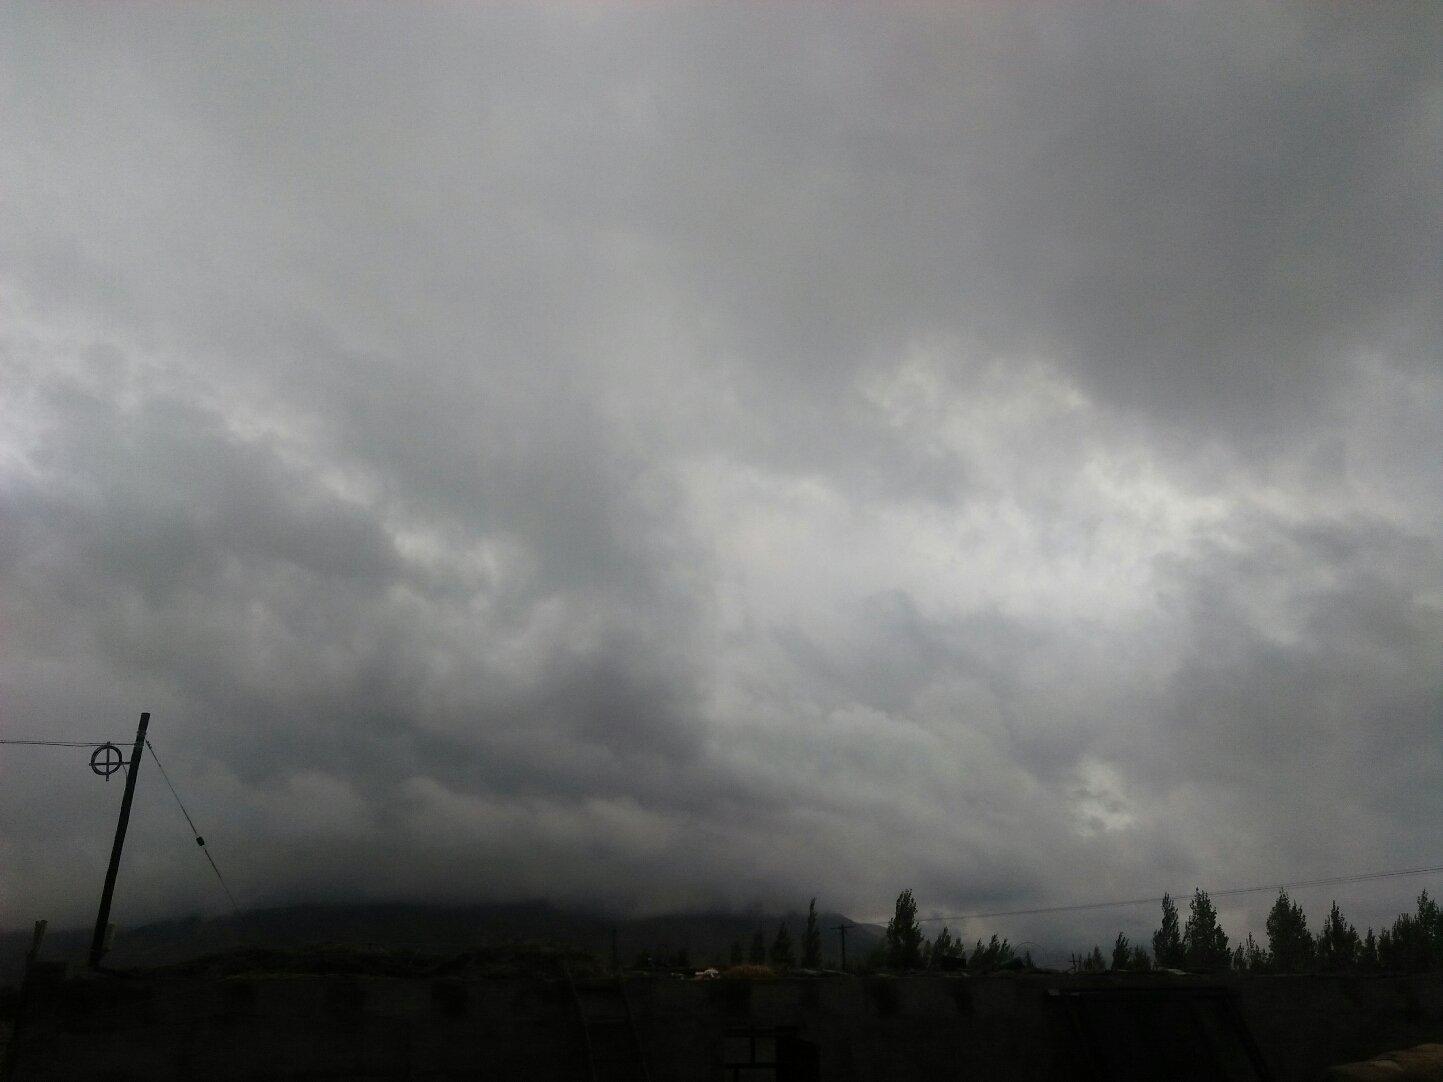 新疆维吾尔自治区克孜勒苏柯尔克孜自治州阿合奇县306省道靠近哈拉奇乡卫生院天气预报